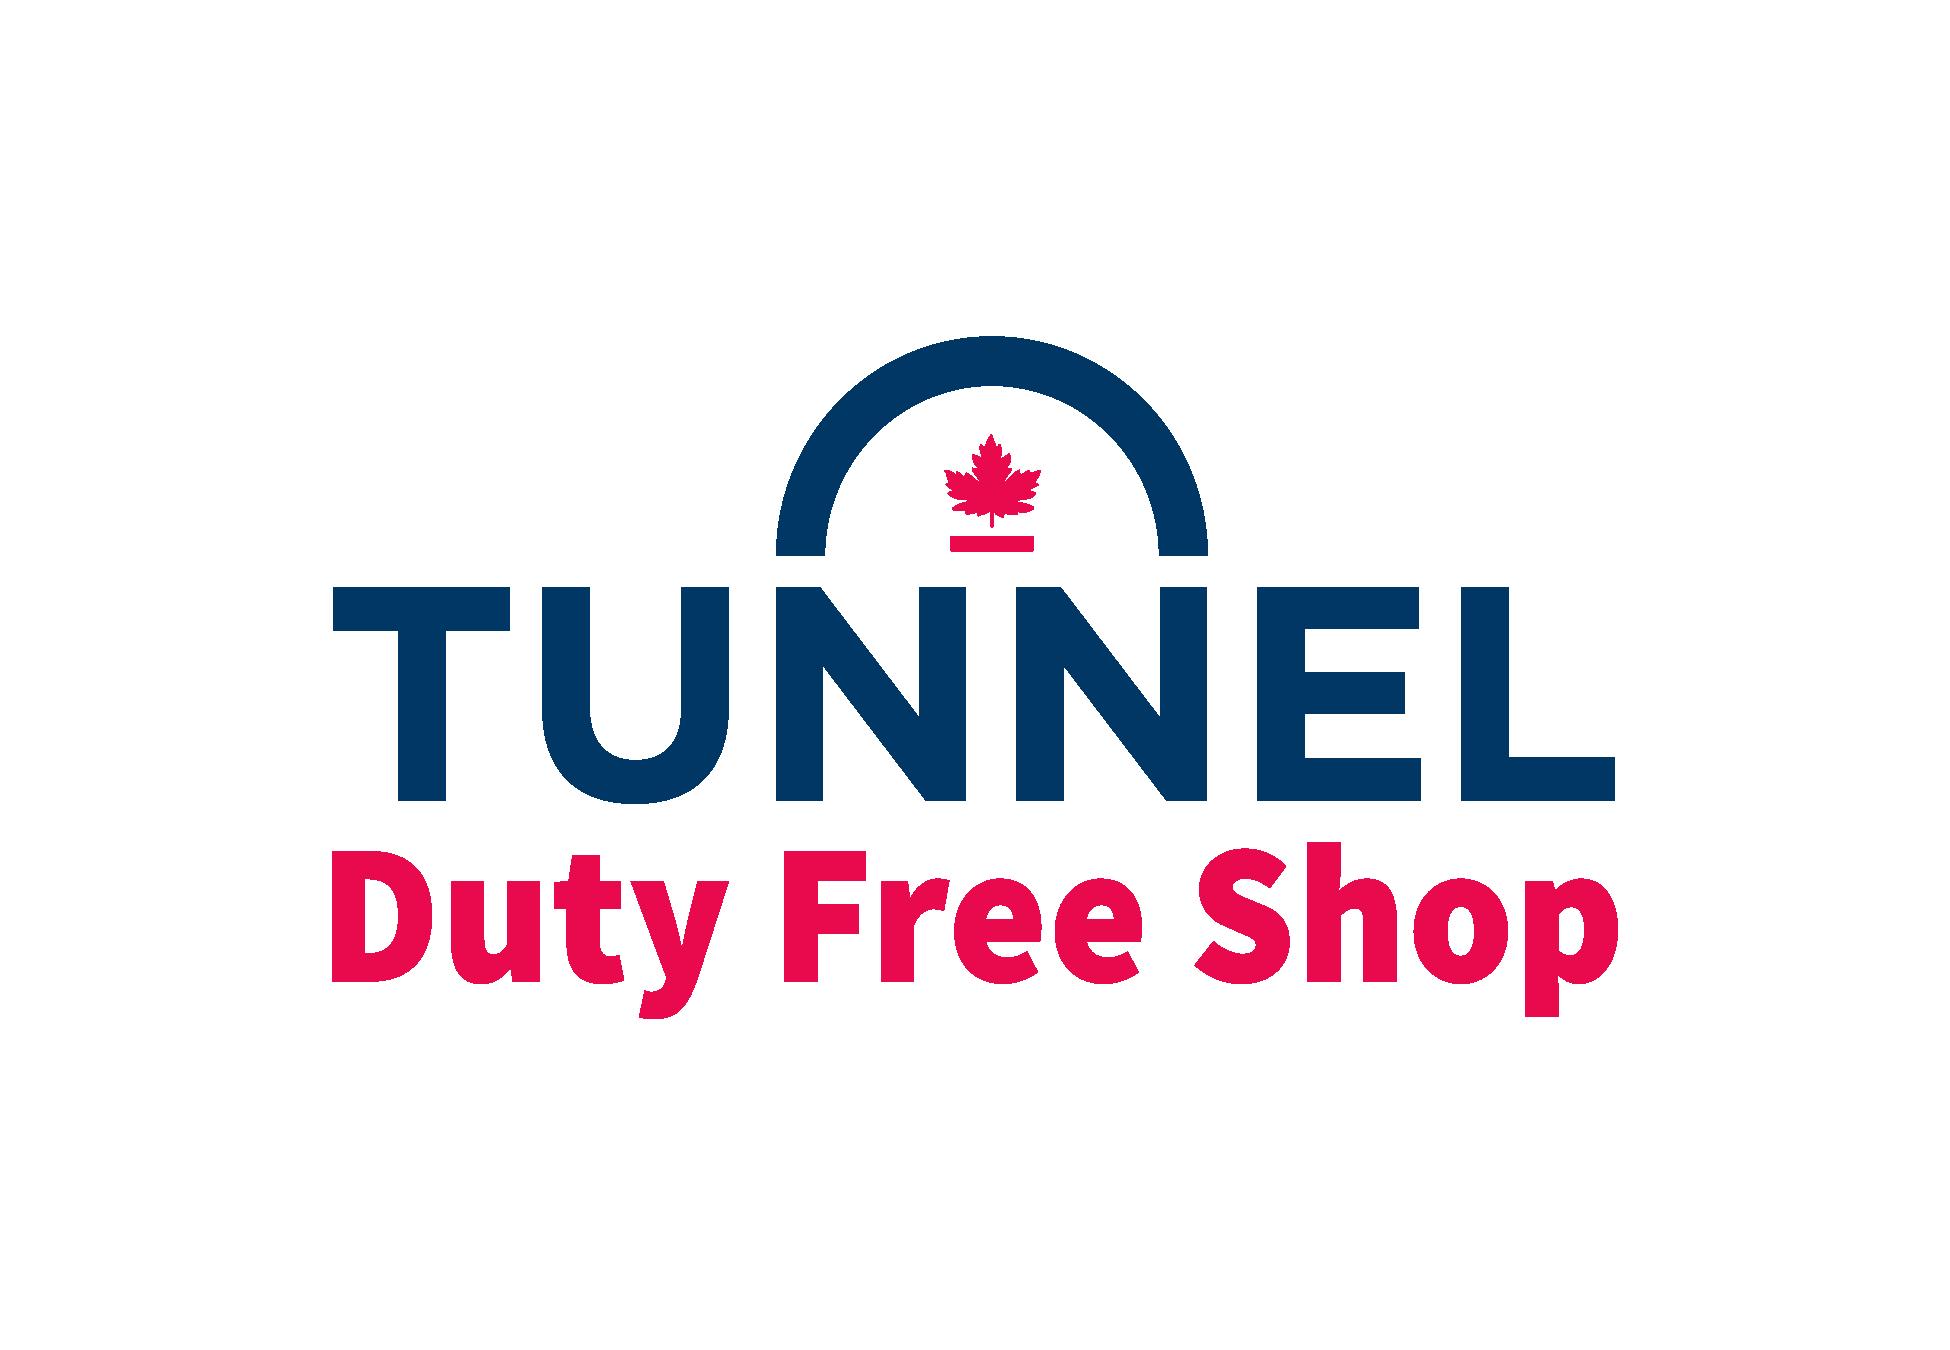 Windsor-Detroit Tunnel Duty Free Shop Logo v2